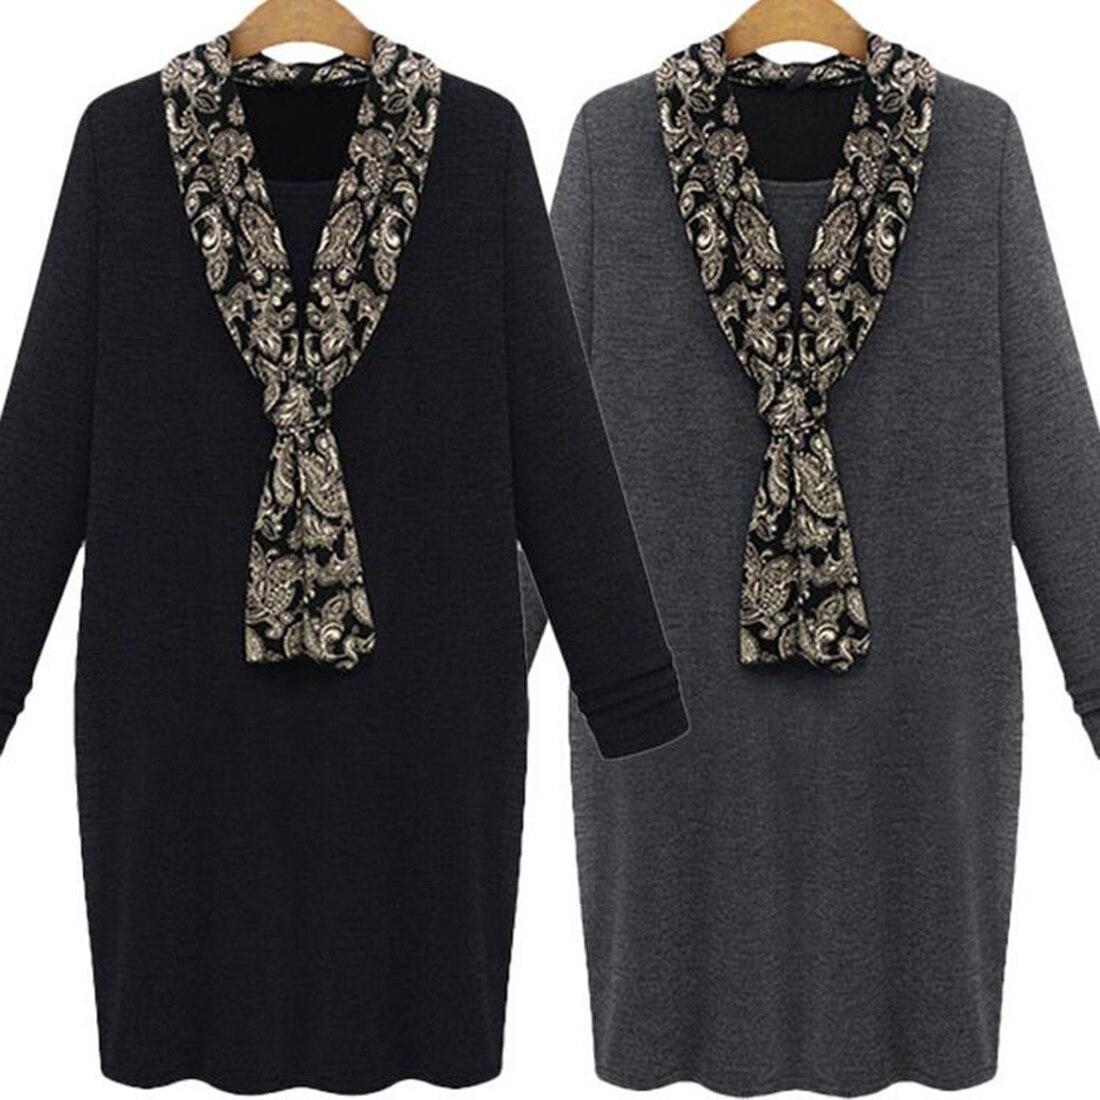 Online Get Cheap Kerchief Dress -Aliexpress.com | Alibaba Group